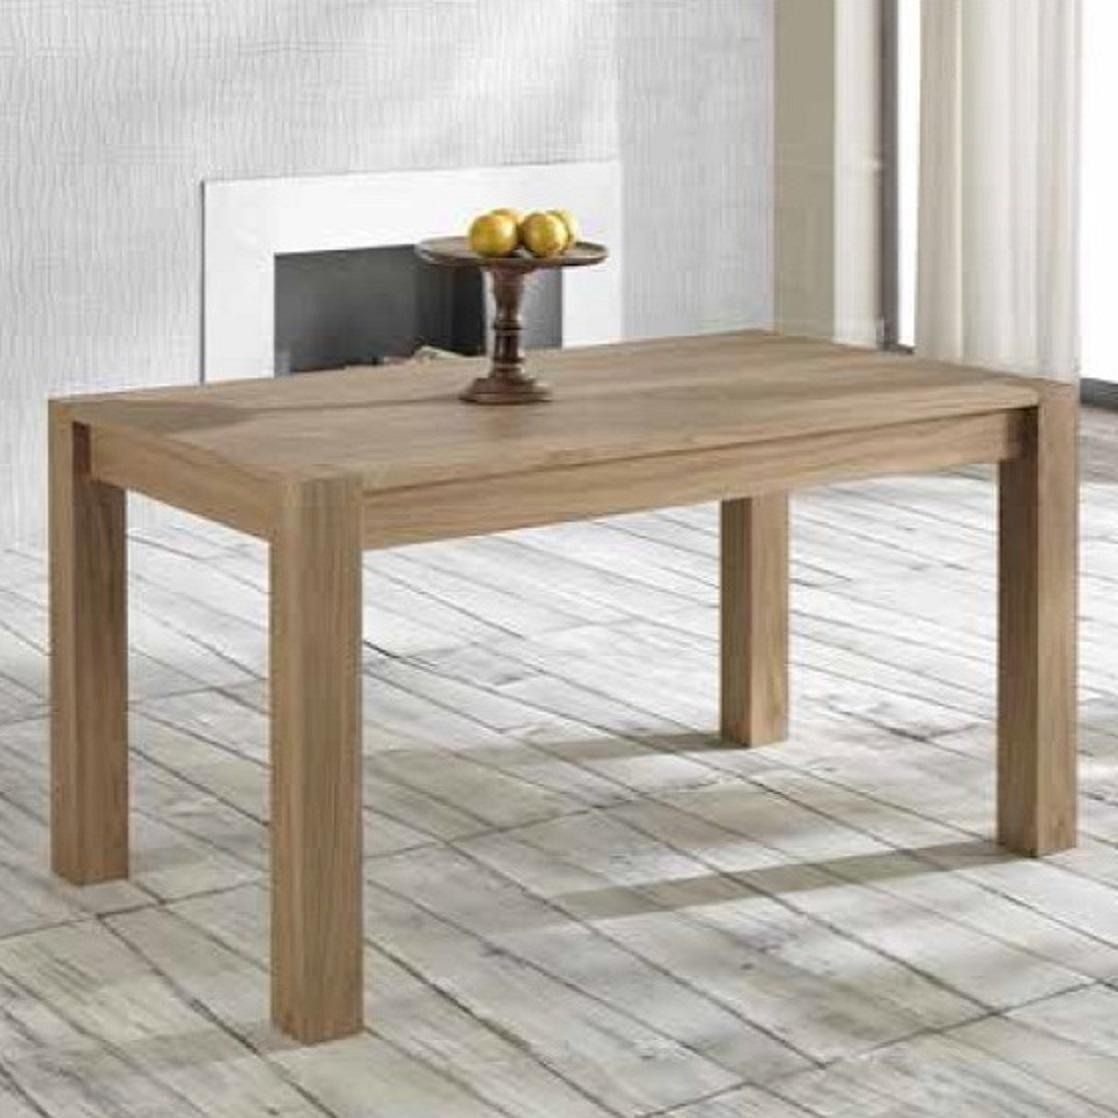 Tavolo allungabile wood: amazon.it: sport e tempo libero